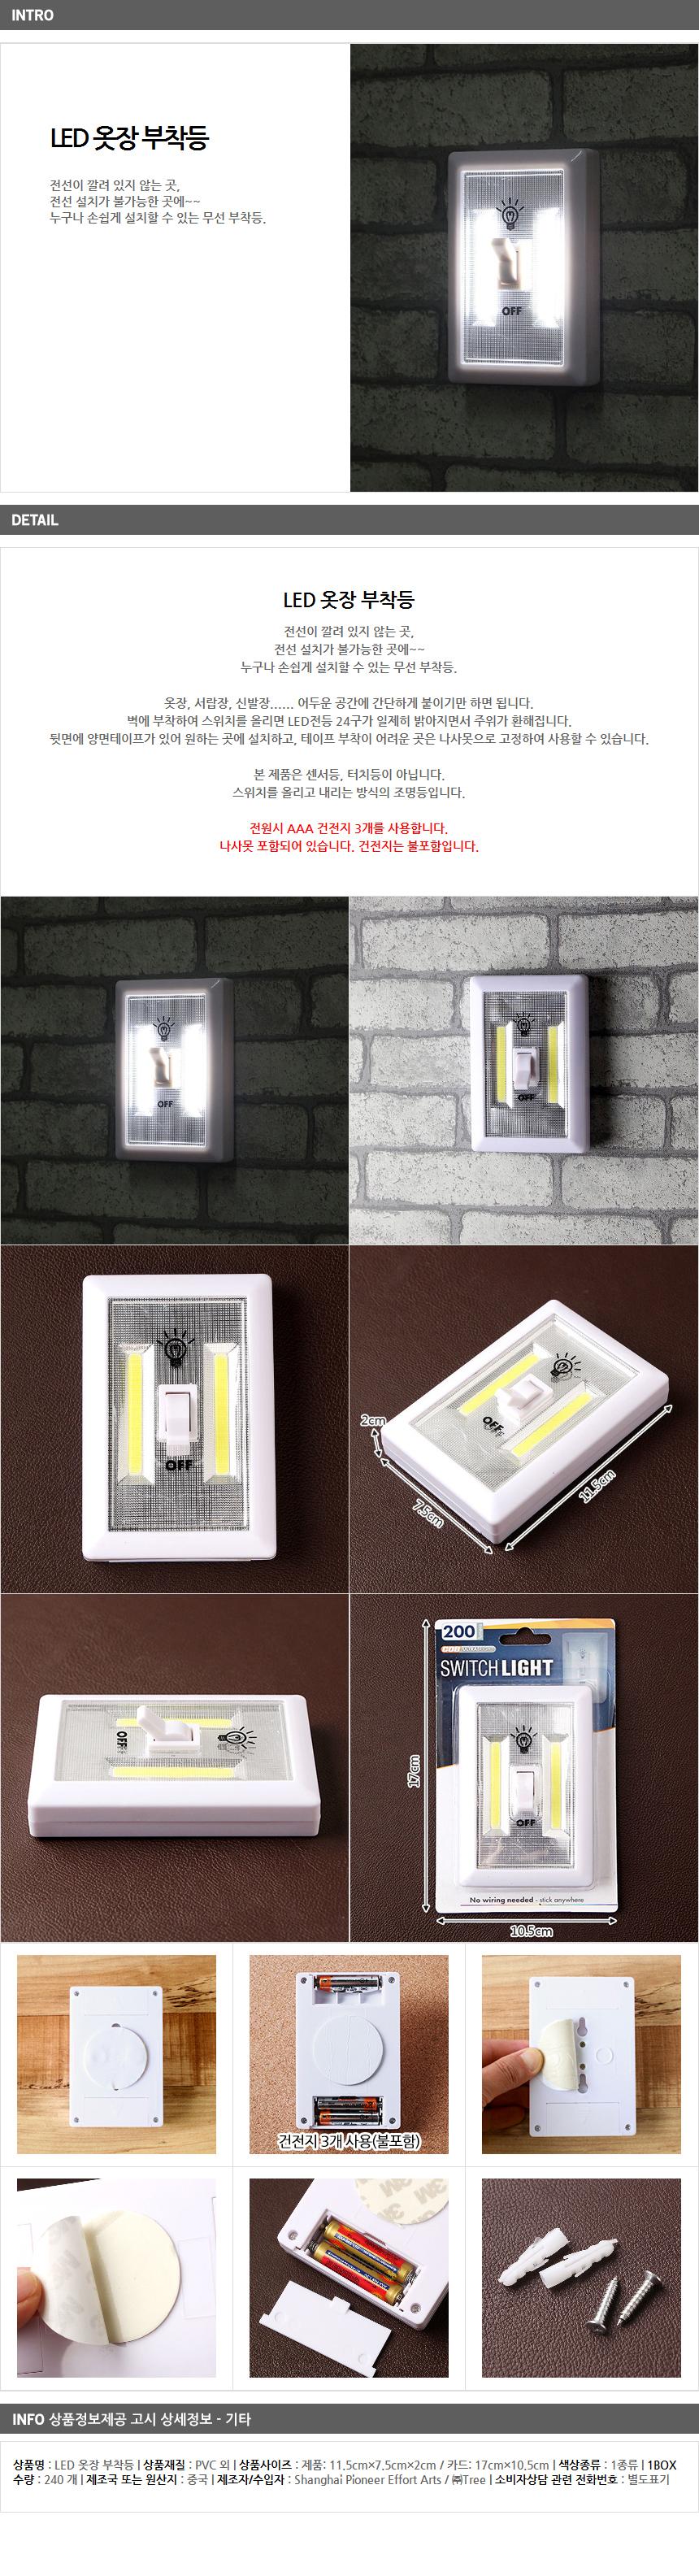 D. LED라이트 무선 벽등/옷장등 벽전등 벽 부착등